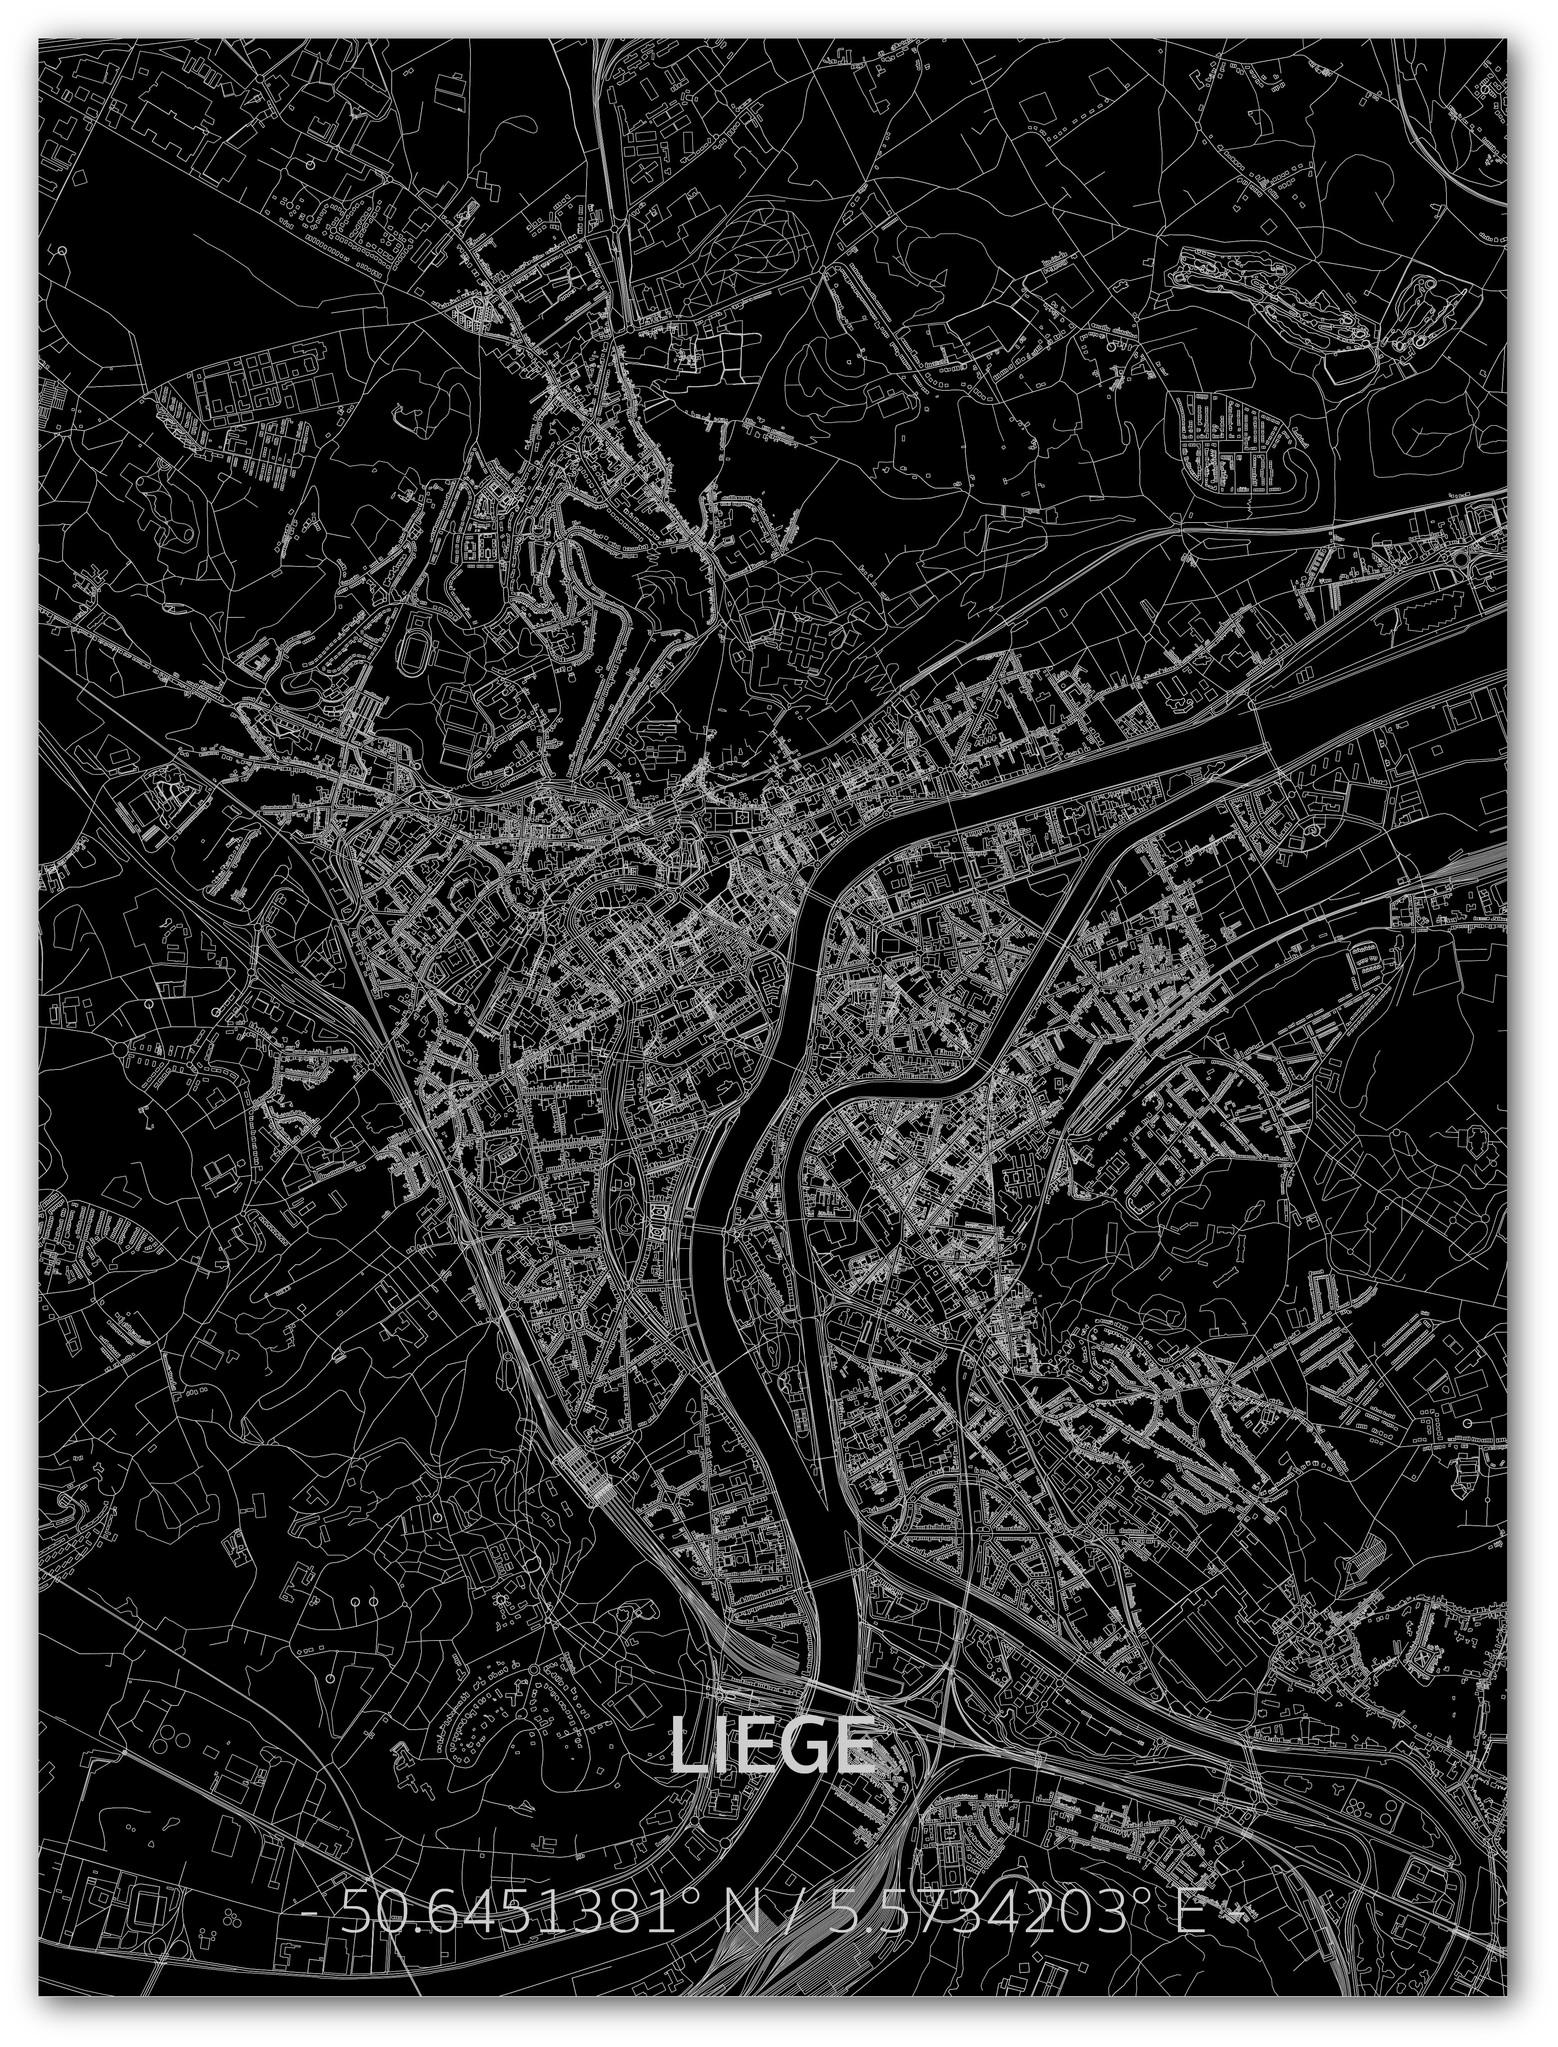 Citymap Liege | Aluminum wall decoration-1